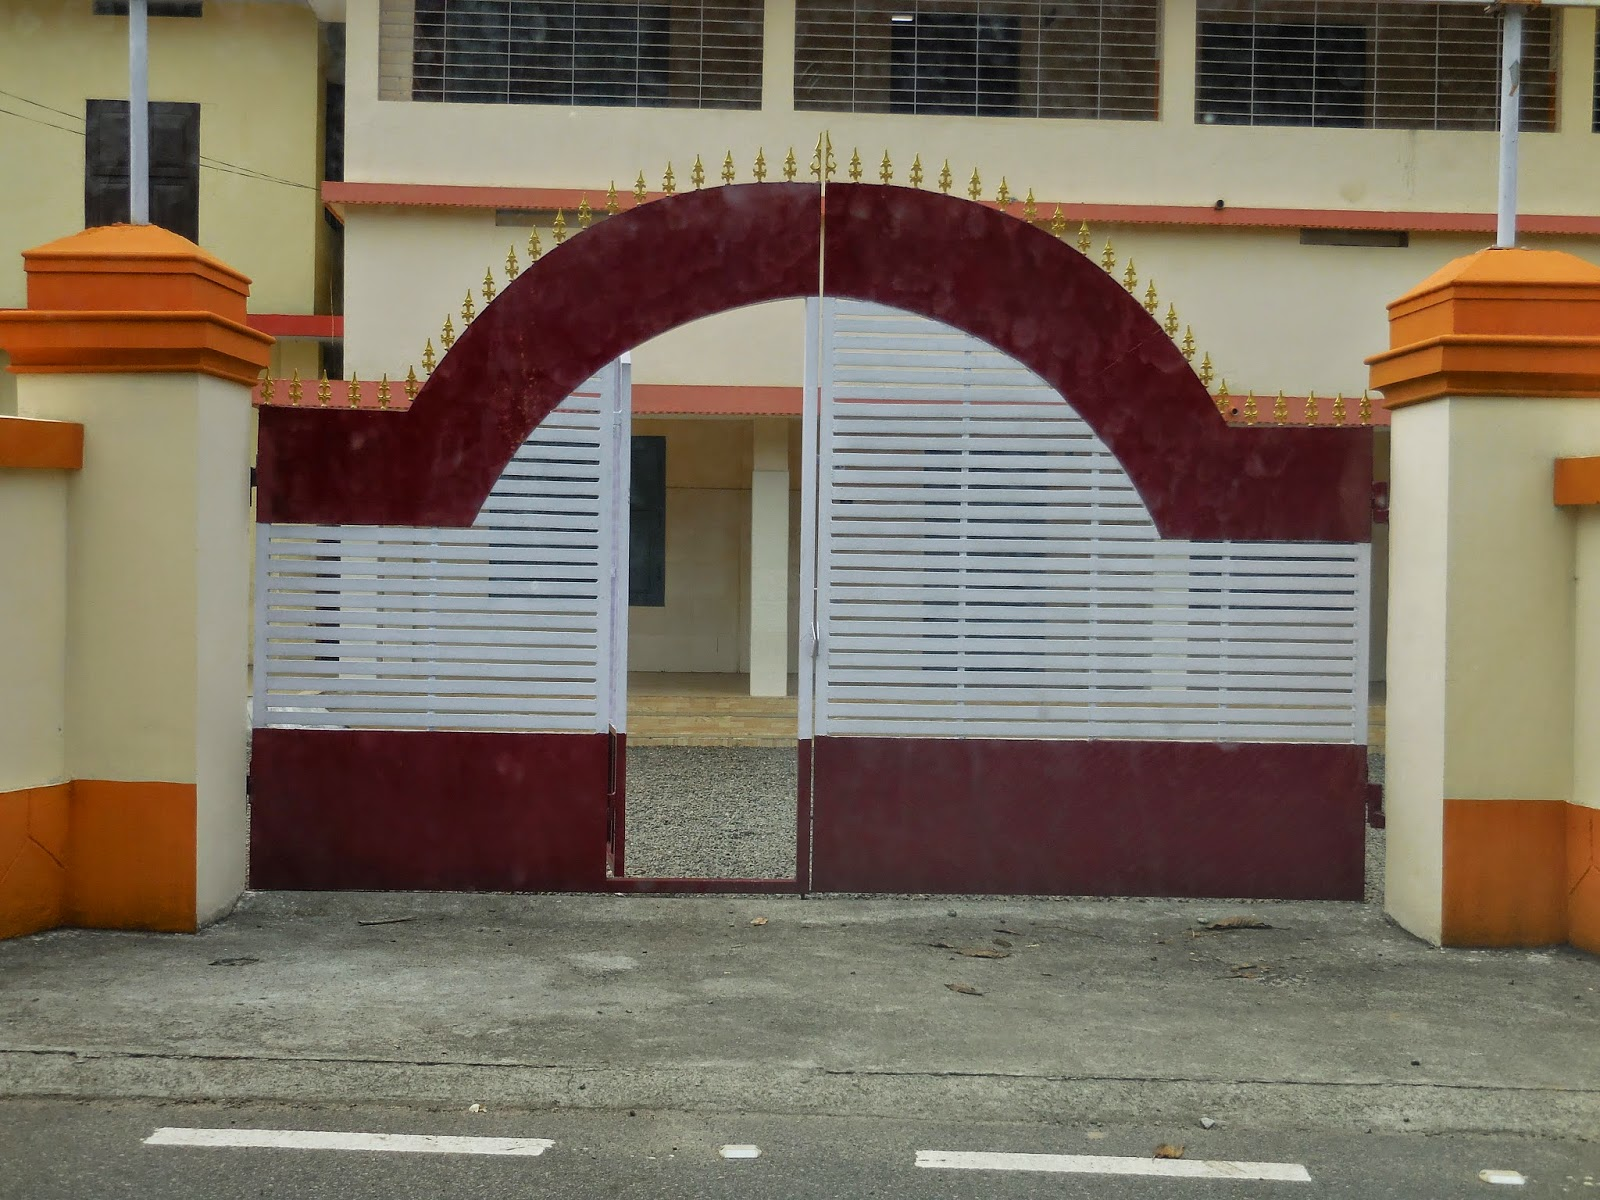 Kerala Gate Designs: House gates in Ernakulam, Kerala